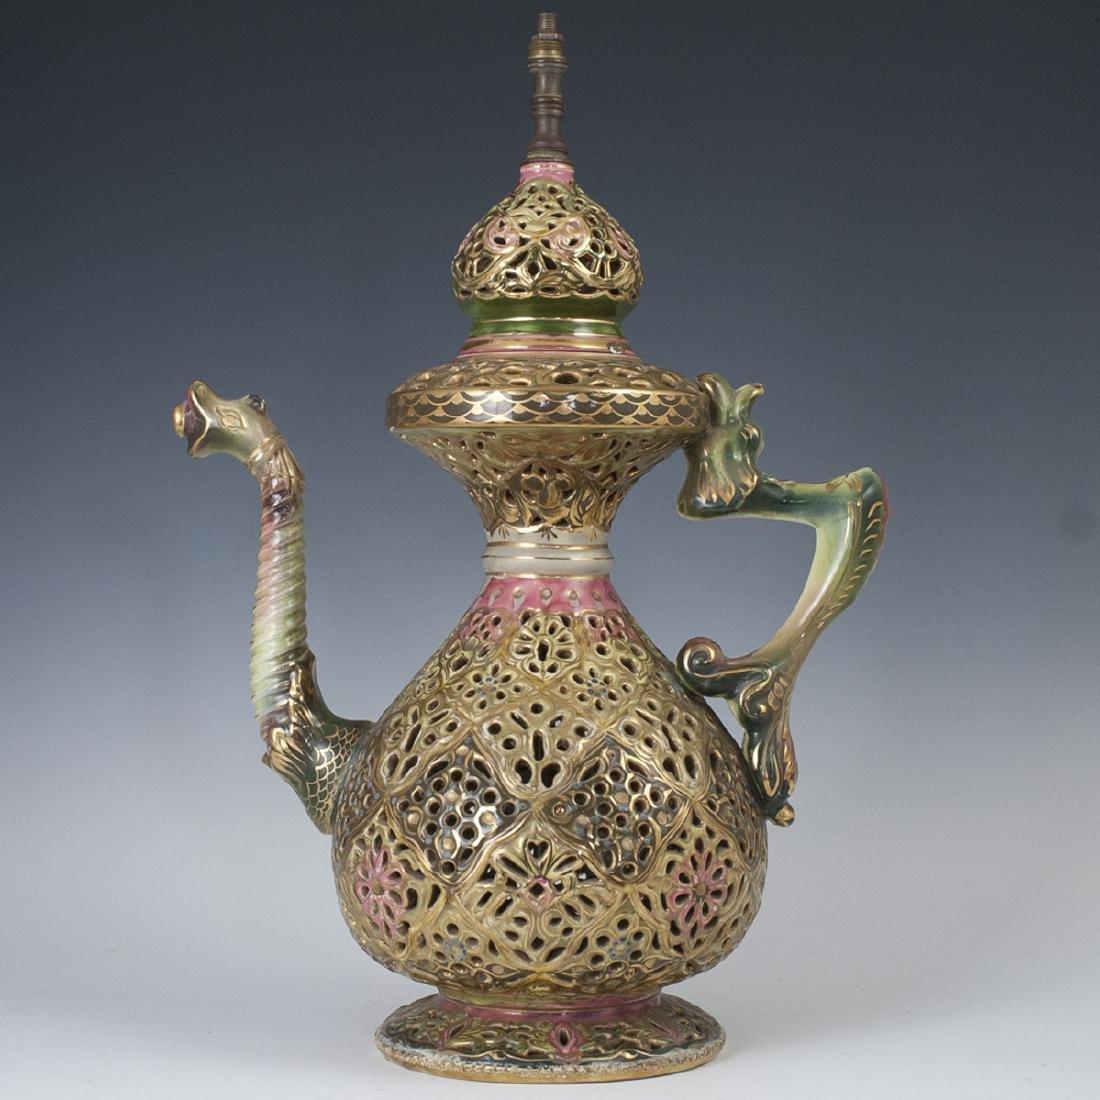 Fischer Style Decorative Porcelain Teapot